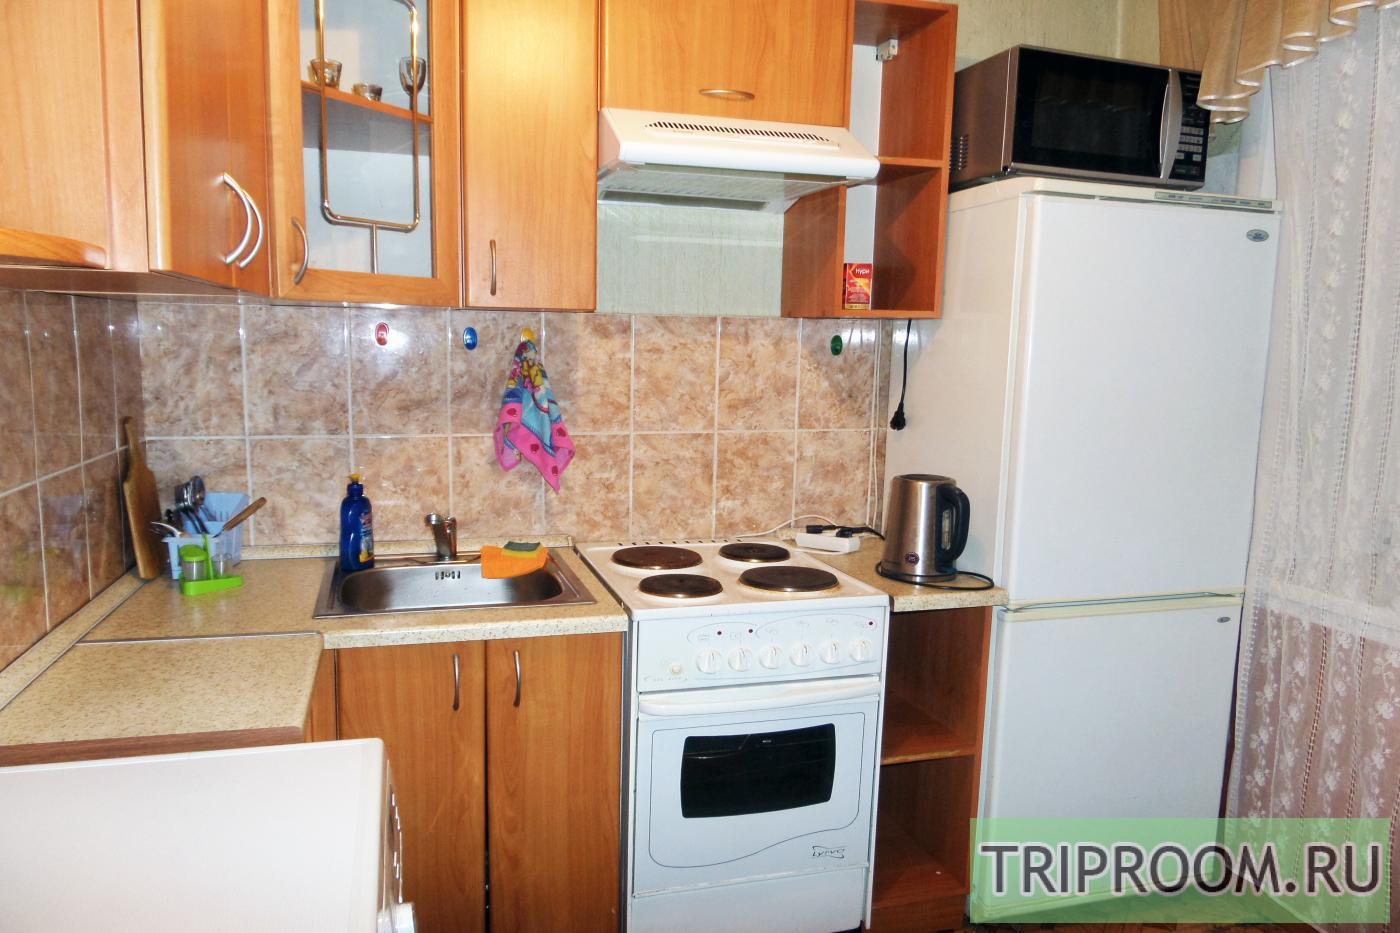 1-комнатная квартира посуточно (вариант № 14581), ул. Красной Армии улица, фото № 3